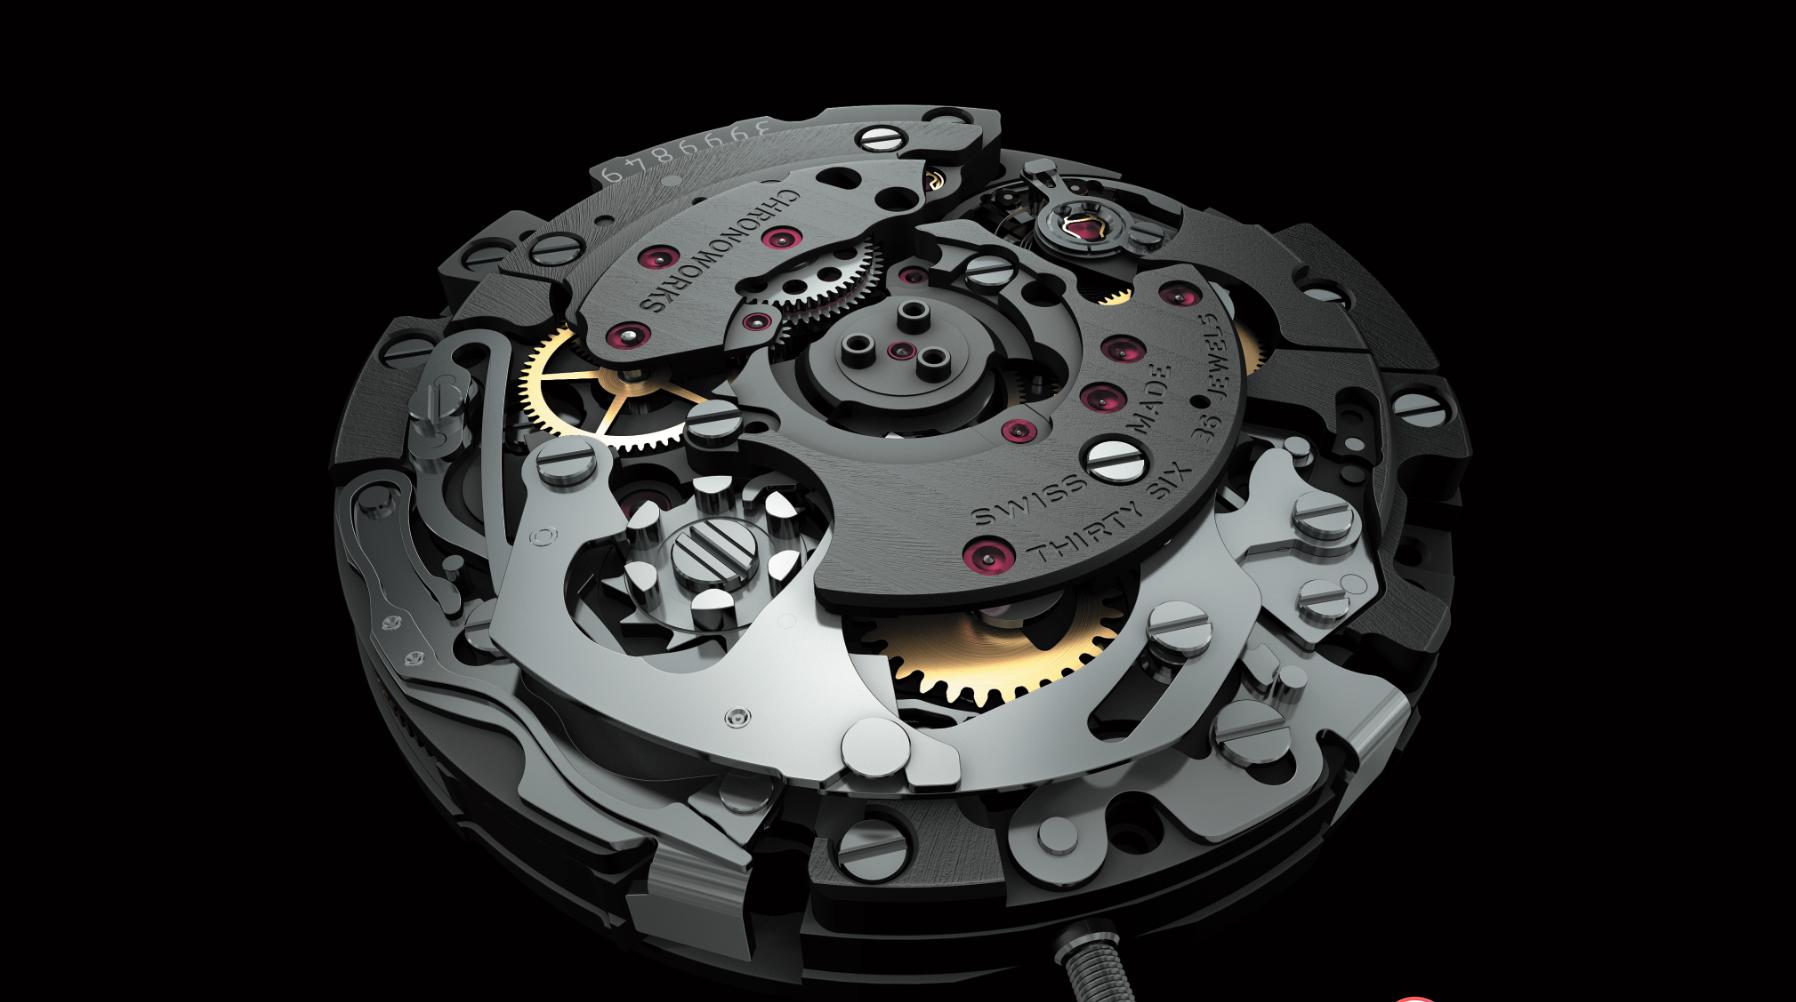 Breitling-Chronoworks-Siicio-Silicium-Heritage-Superocean-4